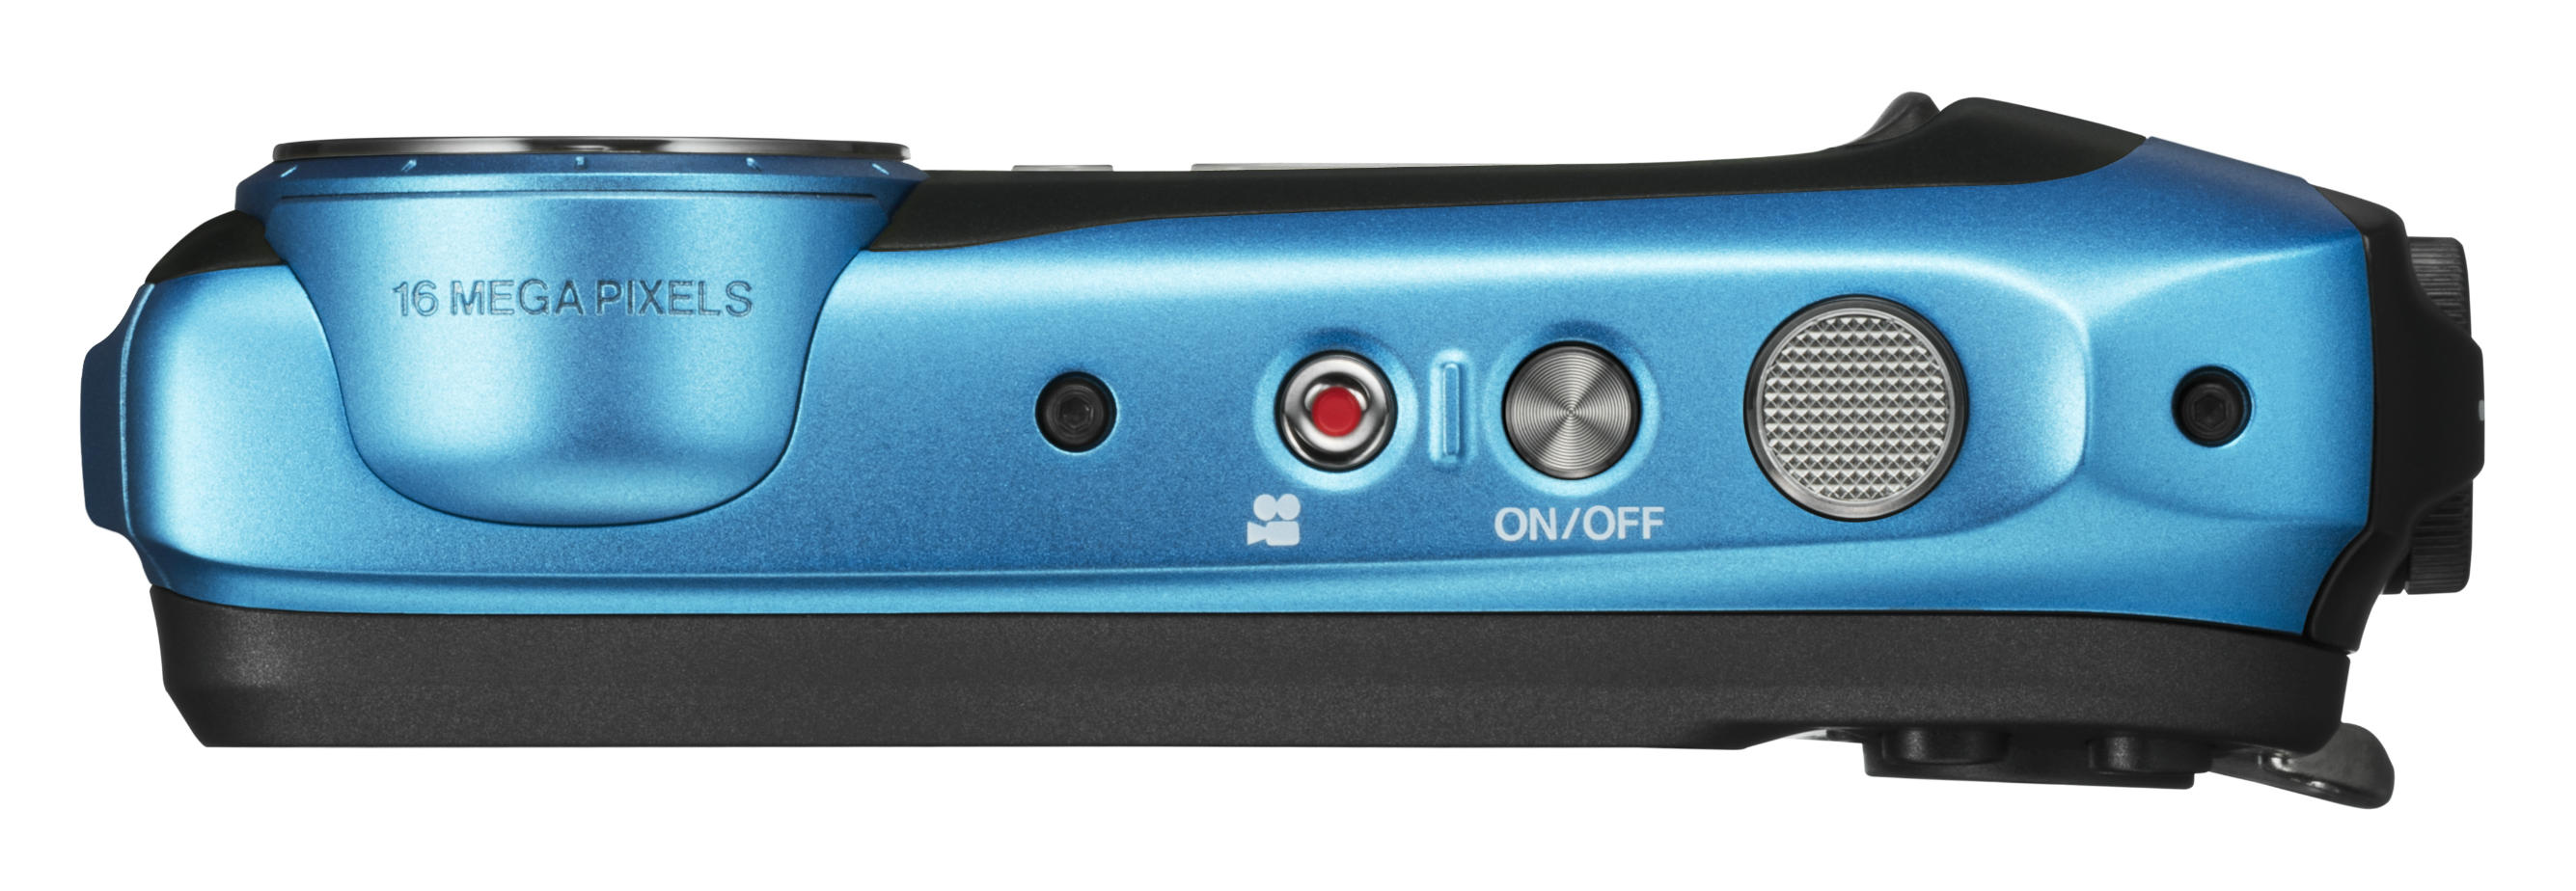 Fujifilm XP130